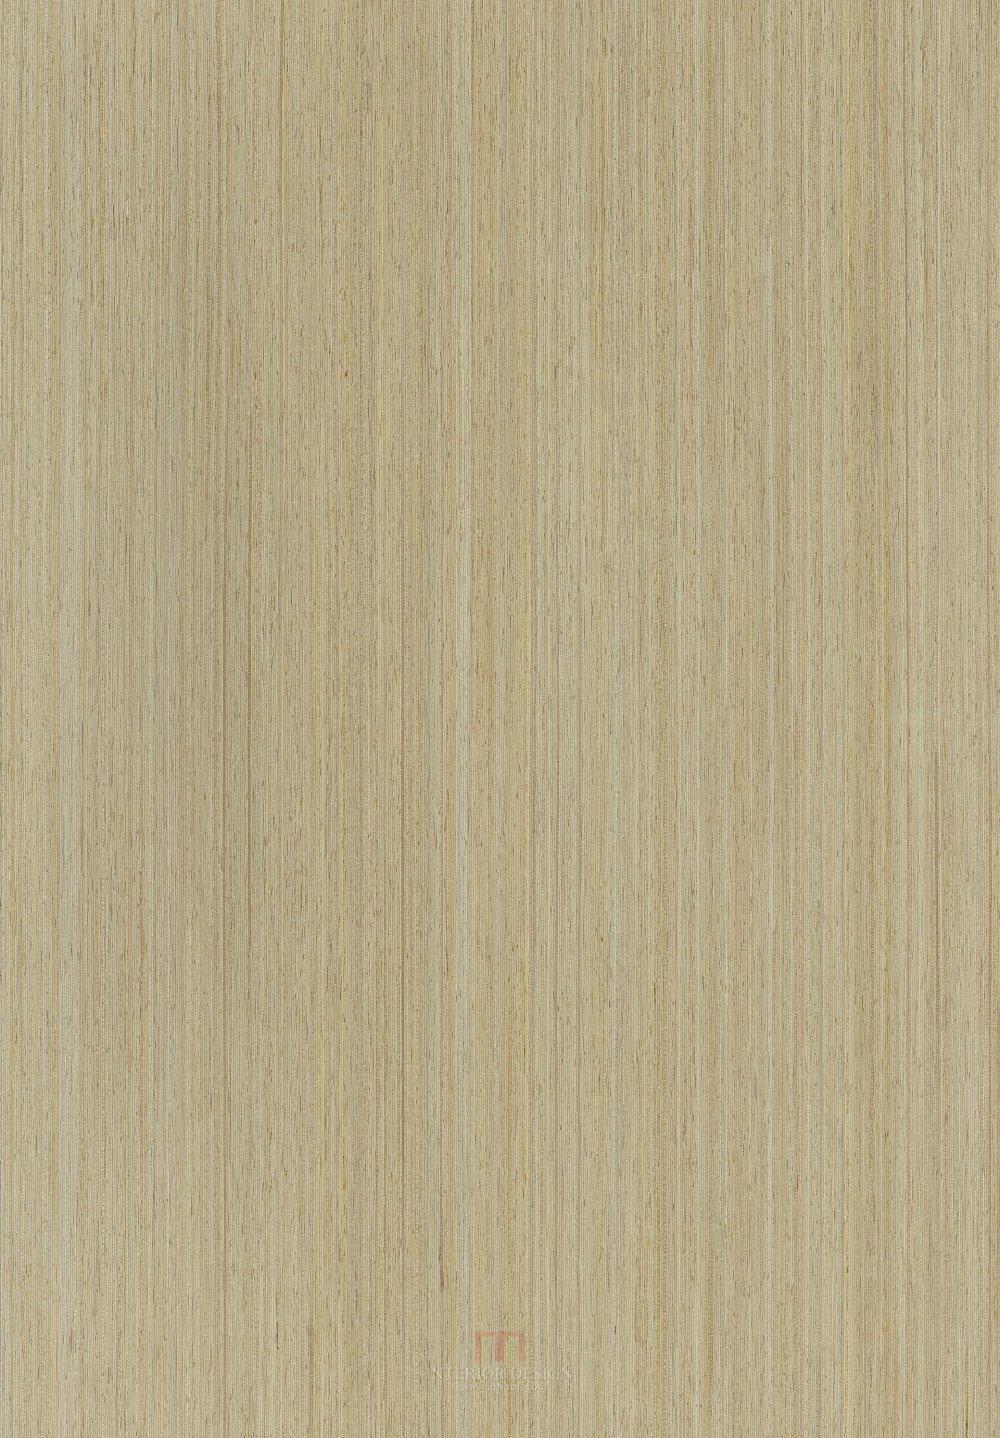 K6307_白橡木.jpg